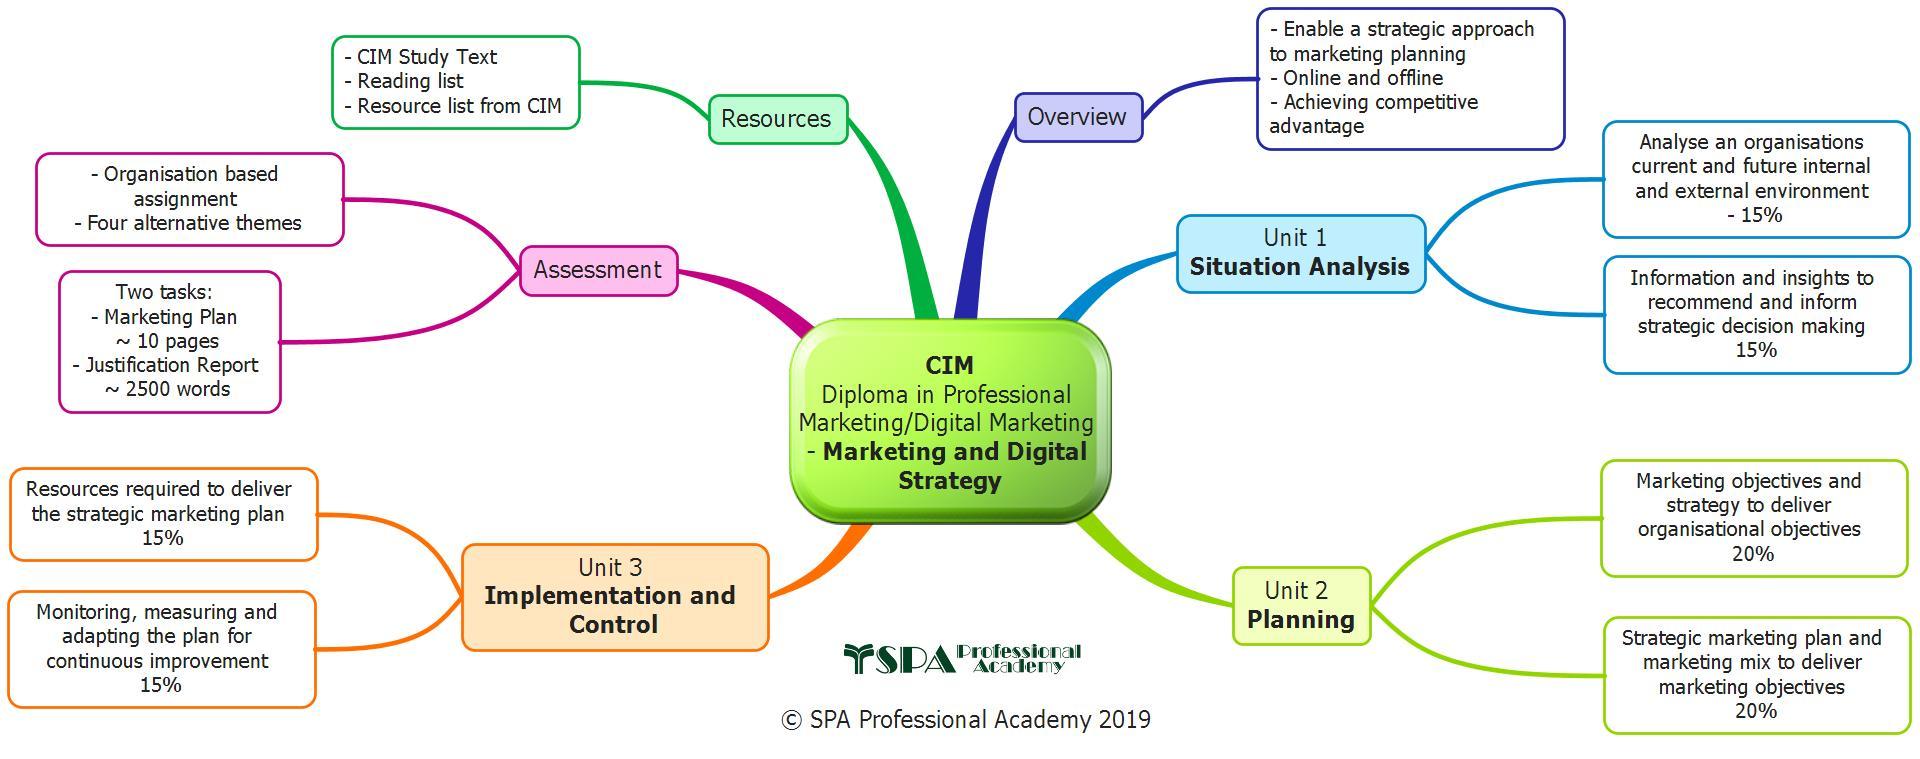 Marketing and Digital Strategy (Mandatory)